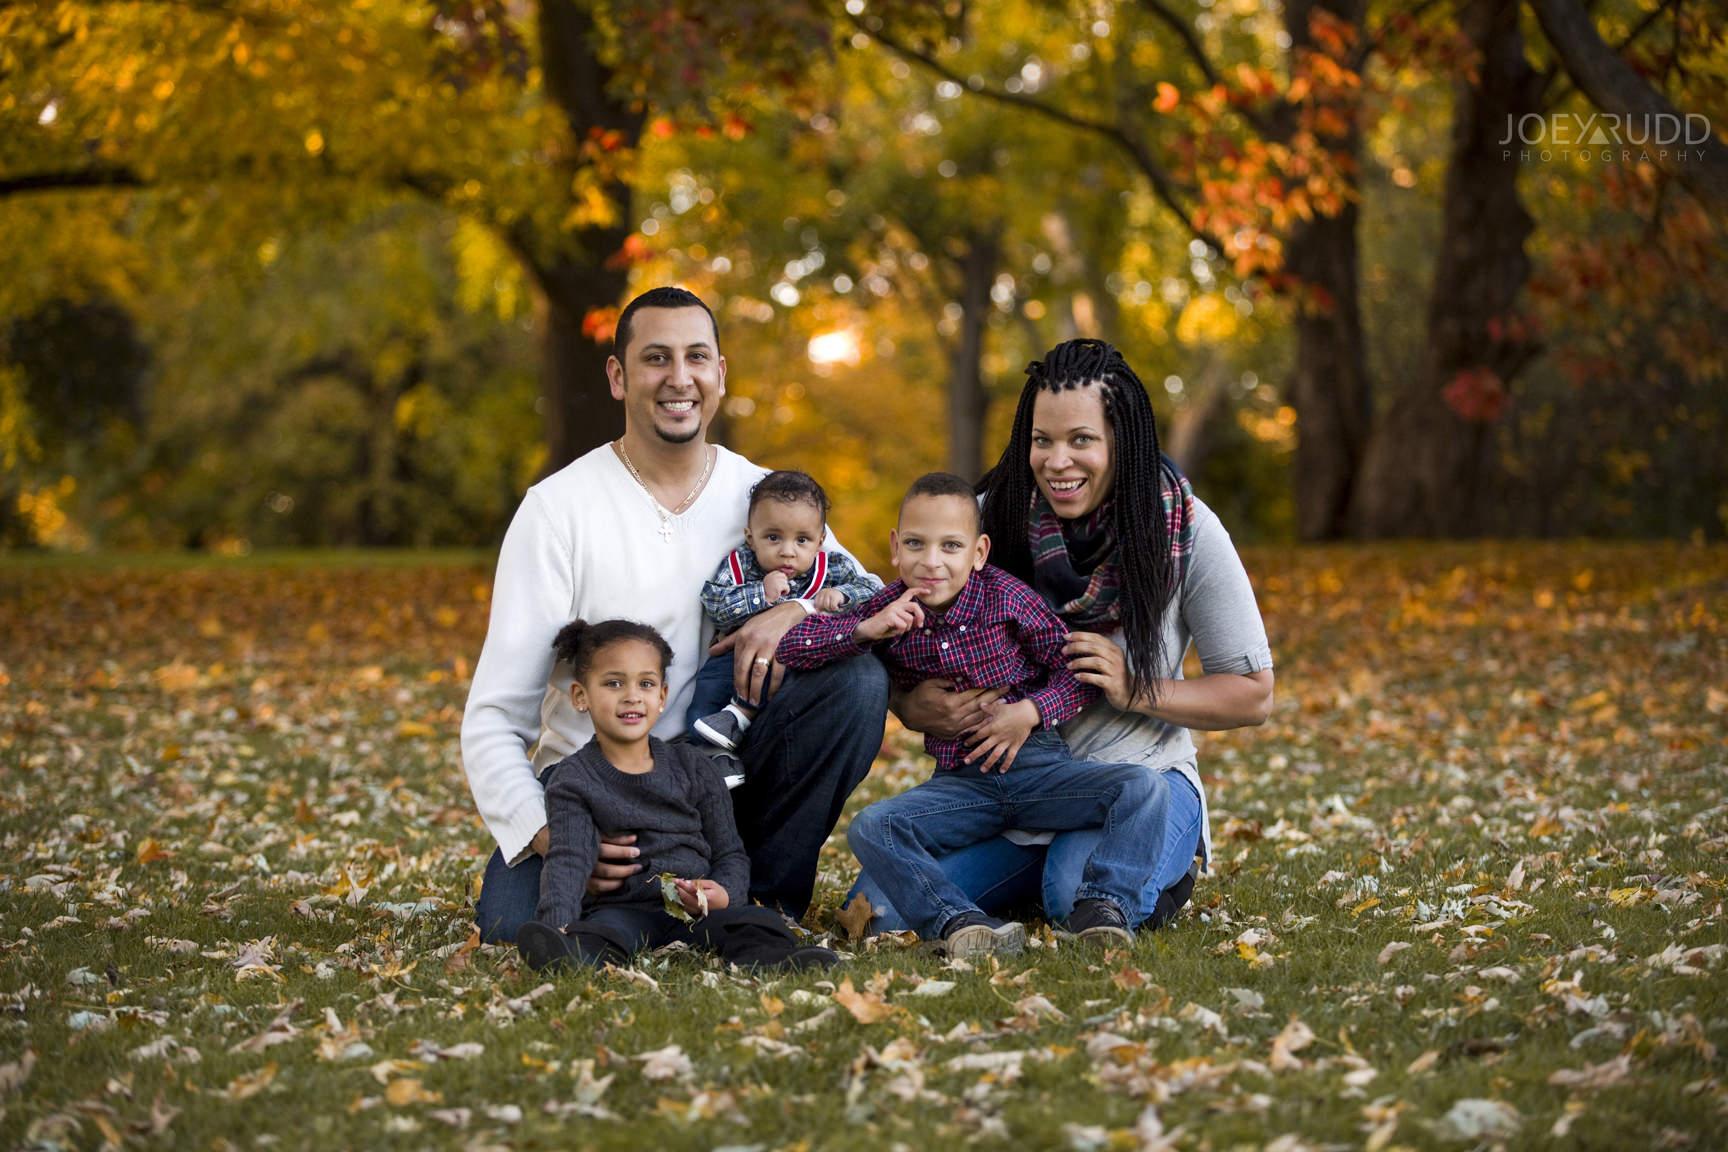 Ottawa Family Photographer Joey Rudd Photography Family Photo Session Arboretum Lifestyle